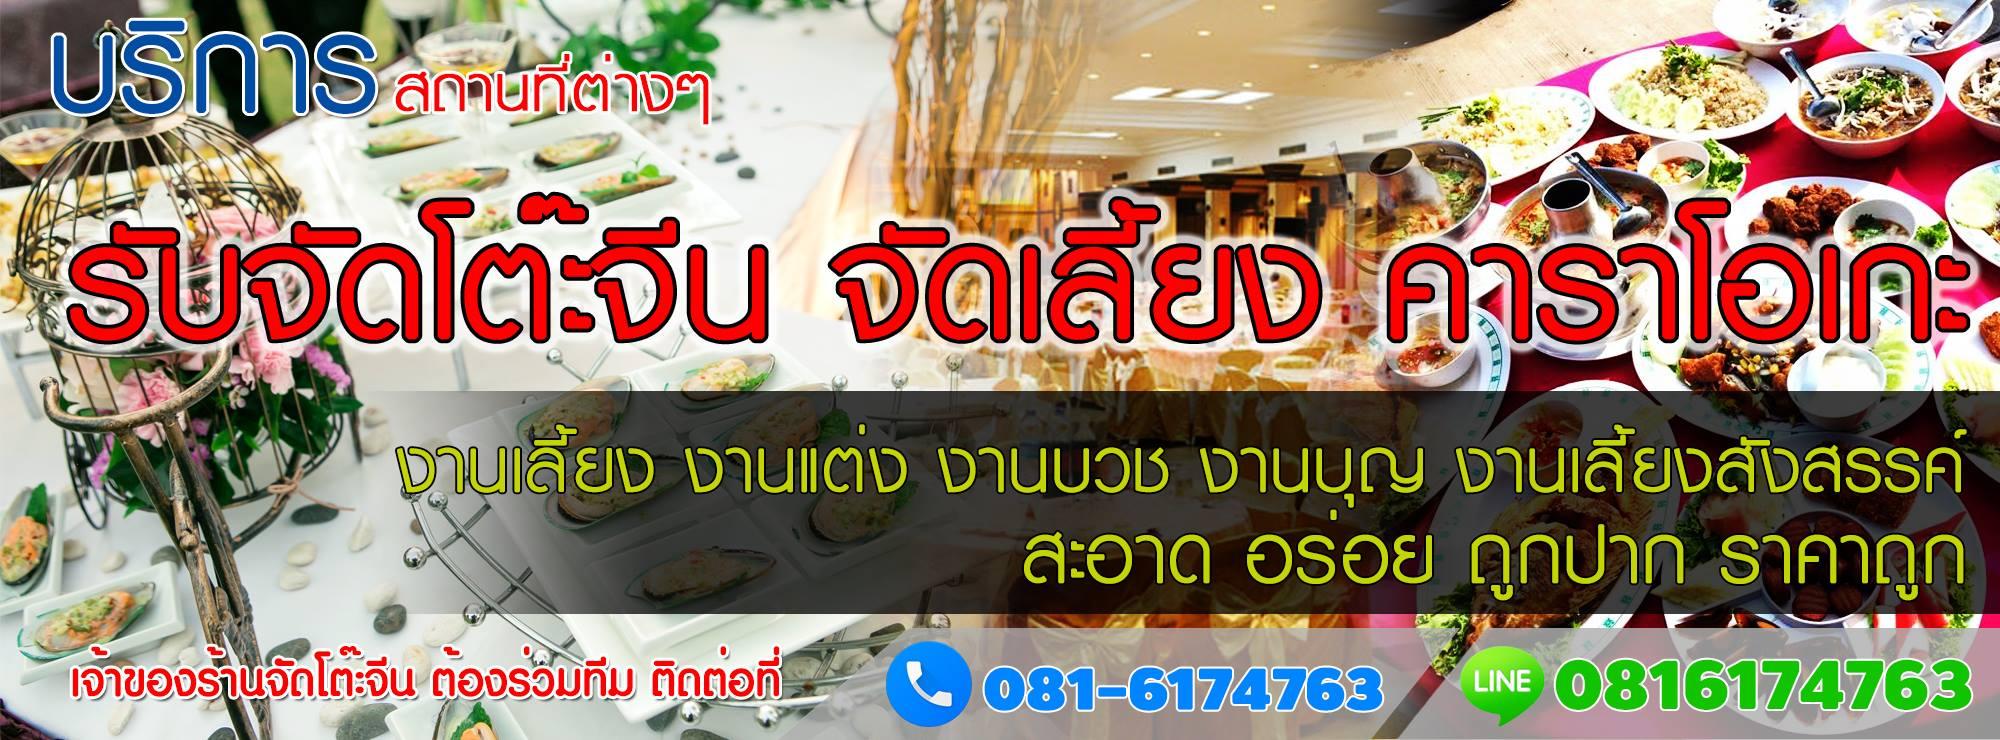 รับจัดโต๊ะจีนทั่วไทย